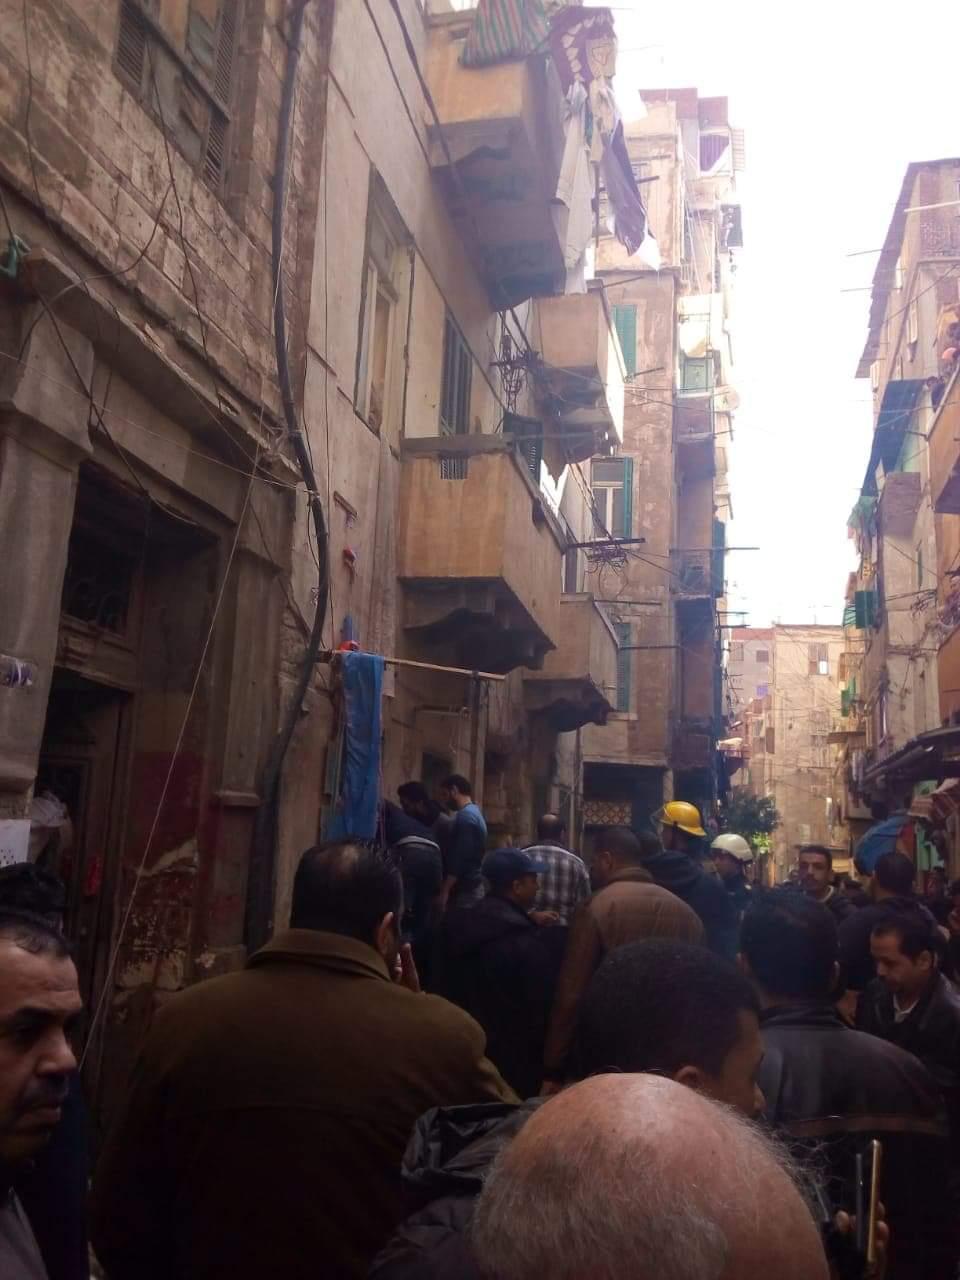 حادث انهيار عقار كرموز بالإسكندرية  (5)